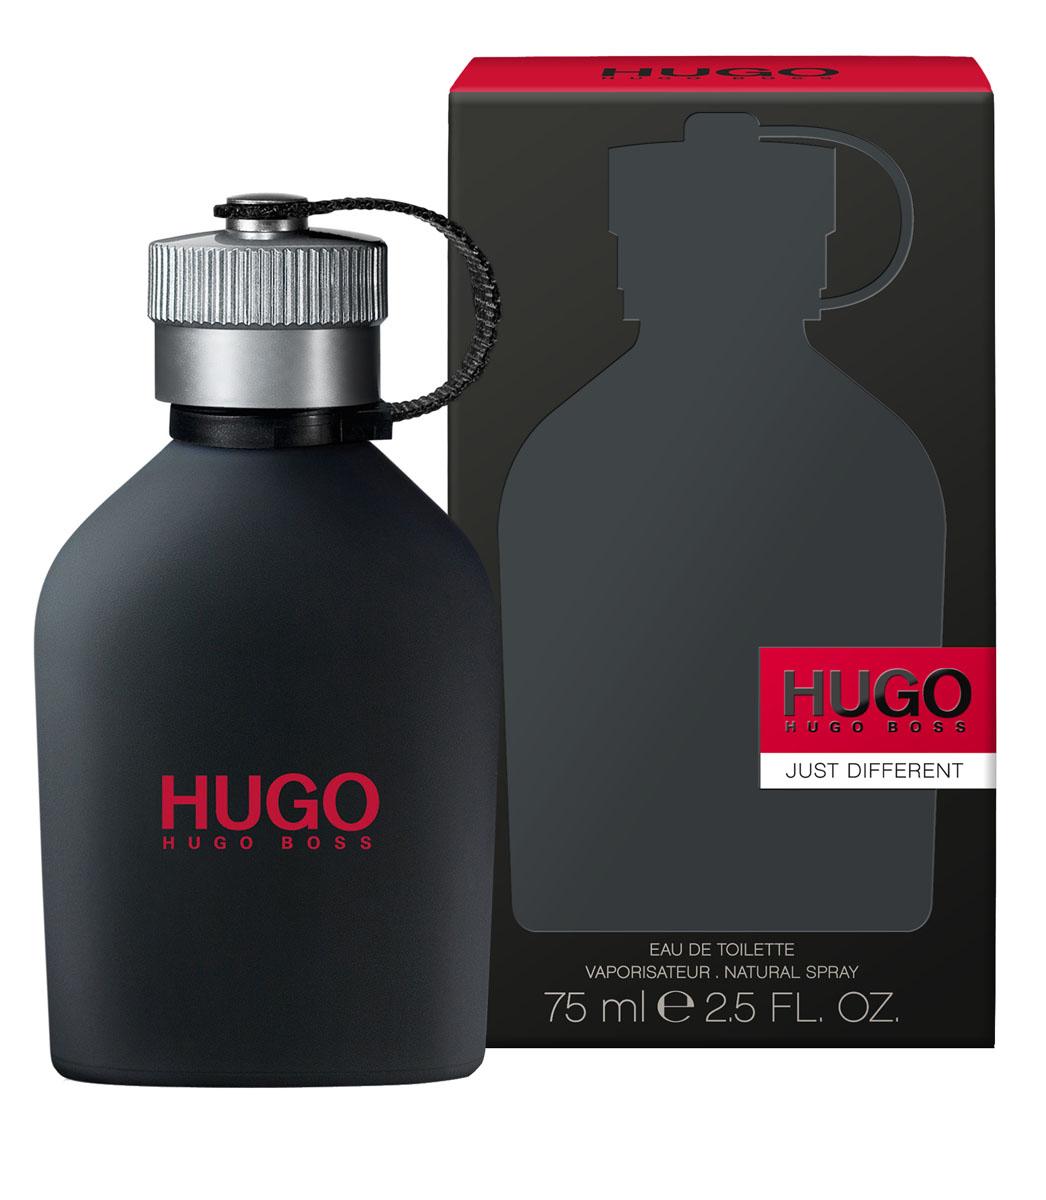 Hugo Boss Just Different Туалетная вода 75 мл0737052465678АРОМАТИЧЕСКИЙ-ДРЕВЕСНЫЙ АРОМАТ В 2011 году происходит изменение в дизайне упаковки и флакона HUGO MAN, аромат без изменений. А также выходит новый аромат в постоянной линейке HUGO JUST DIFFERENT. Цель запуска - обновить HUGO MAN с помощью нового аромата, новой кампании и нового лица HUGO. Им стал популярный актер и музыкант Jared Leto (ДжаредЛето), воплотивший мужчину в стиле HUGO - харизматичного бунтаря, современного, креативного, стильного. Матовые контуры флакона изображены на лаковой упаковке. Серебряный контур флакона выделяет упаковку на полке. На матовом черном флаконе - Крышка с серебряным отливом, черная резинка, простое современное лого. Ключевые слова: Освежающий, взрывнойстеплым, мягкимшлейфом. Современный, стильный, соблазняющий Срок годности: 36 месяцев